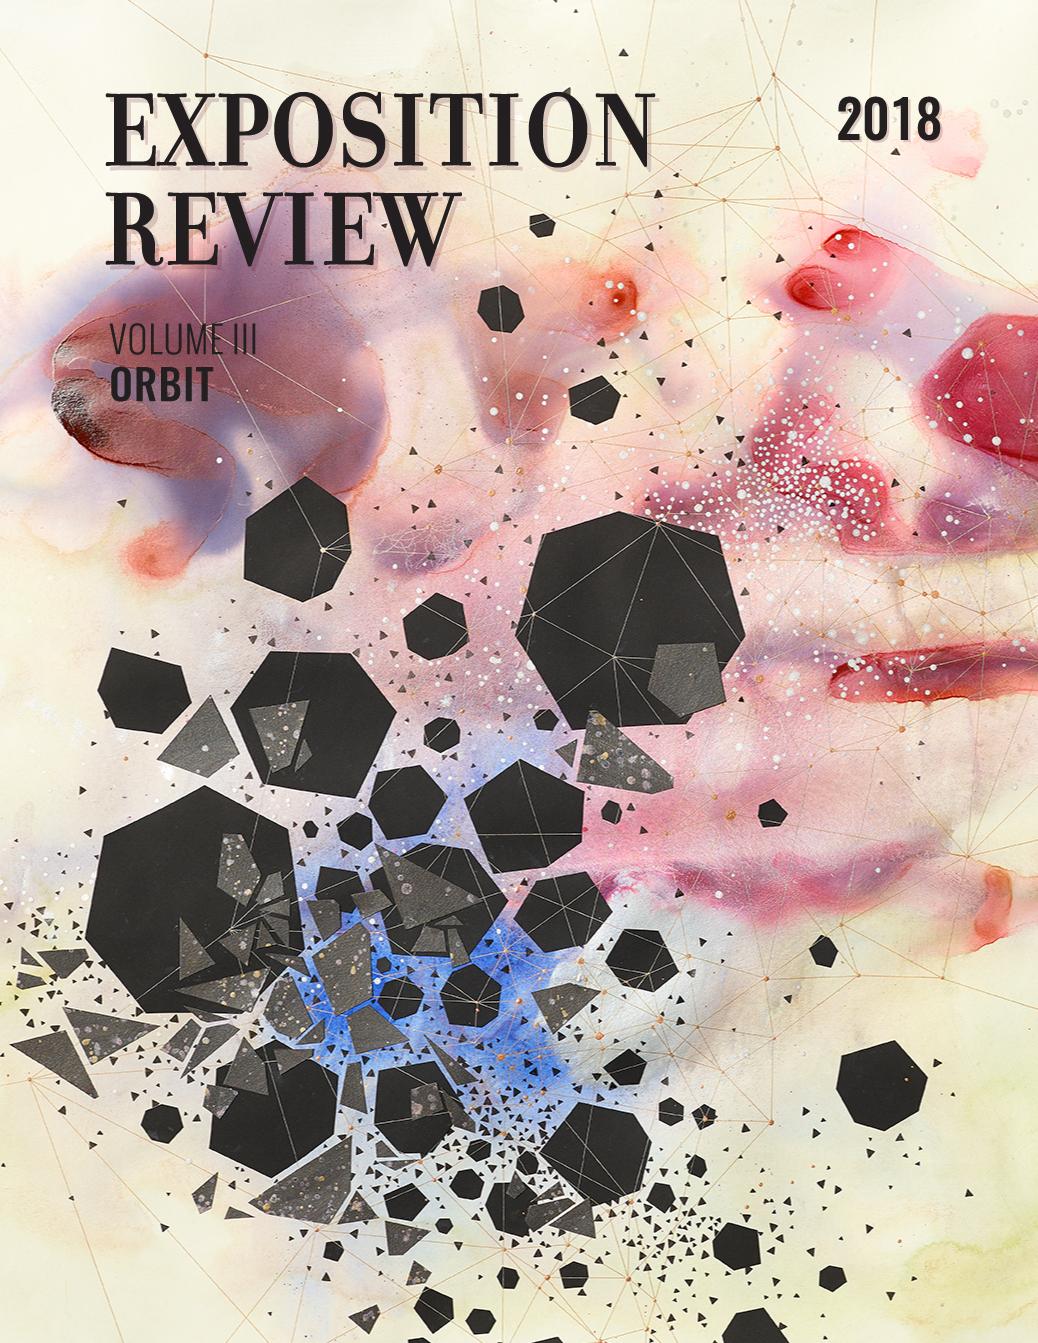 Exposition Review Vol. III: Orbit